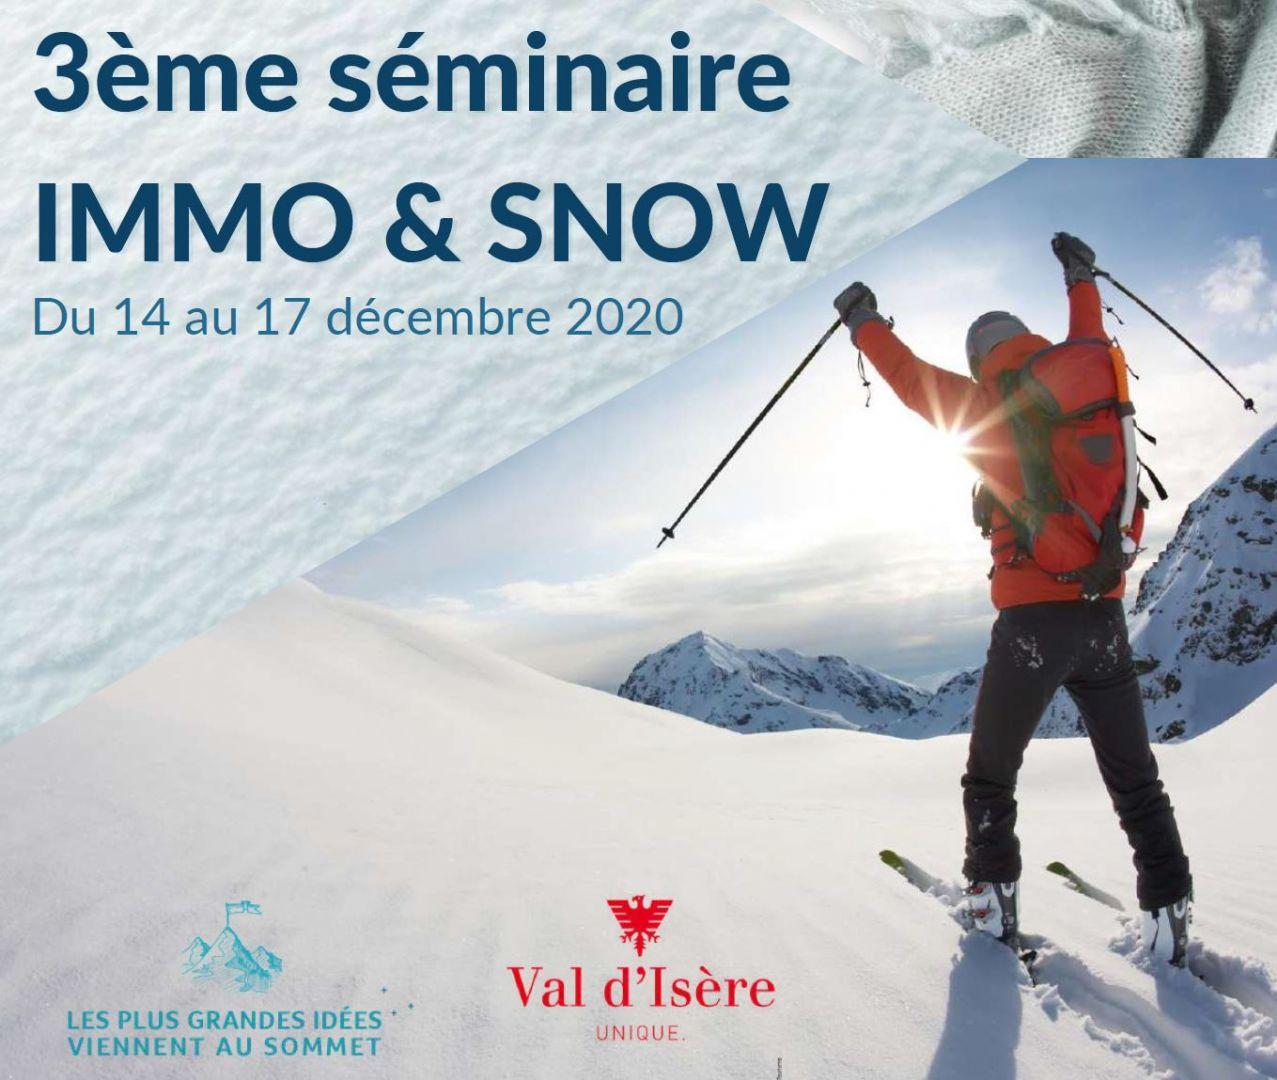 IMMO & SNOW revient en décembre 2020 pour une 3ème édition tout schuss !